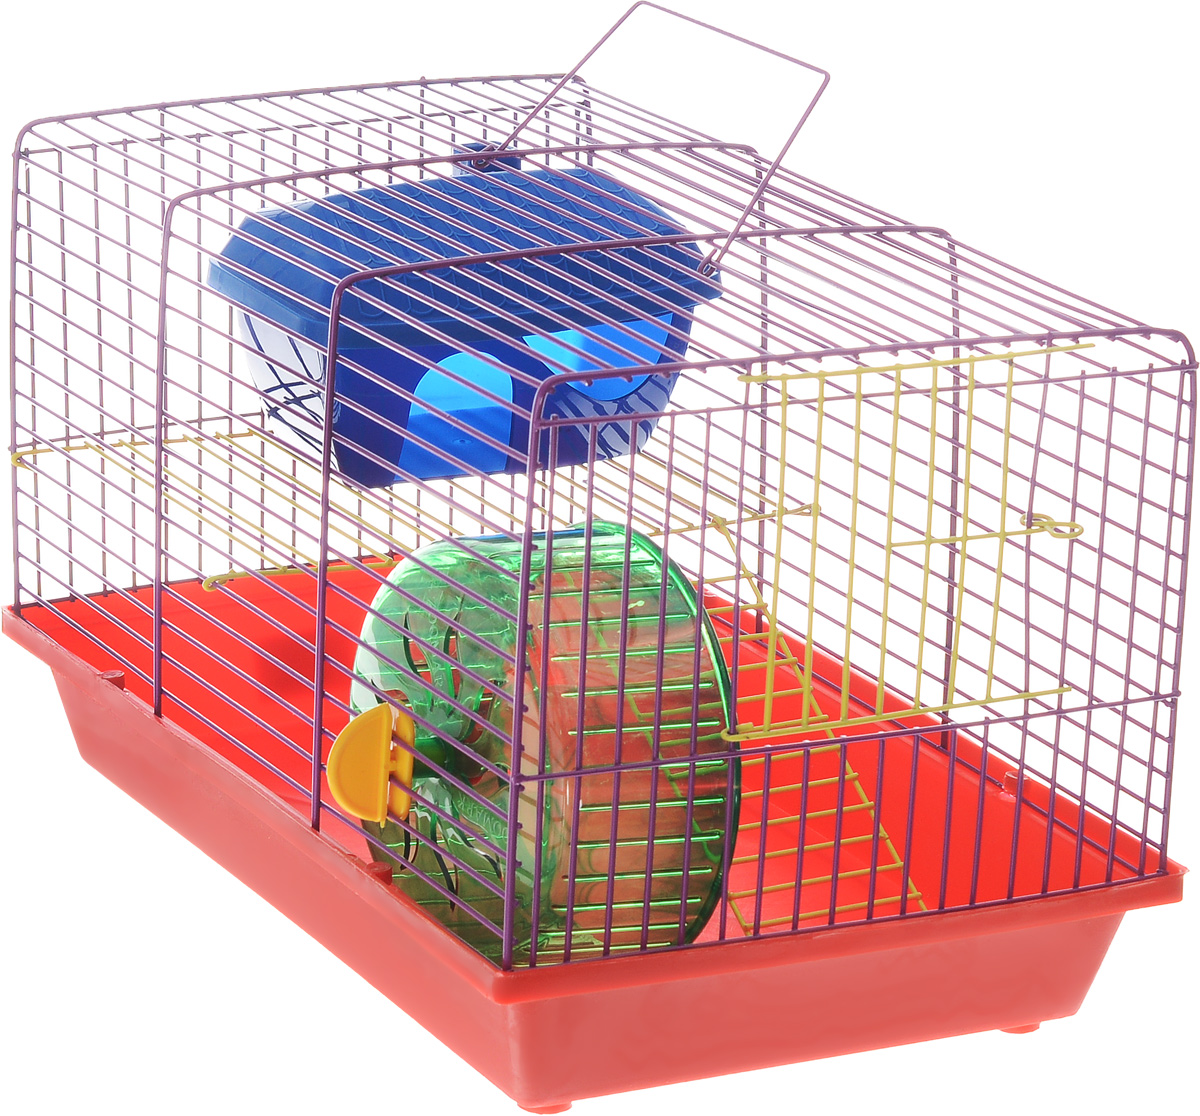 Клетка для грызунов  ЗооМарк , 2-этажная, цвет: красный поддон, фиолетовая решетка, желтые этажи, 36 х 22 х 24 см. 125ж - Клетки, вольеры, будки